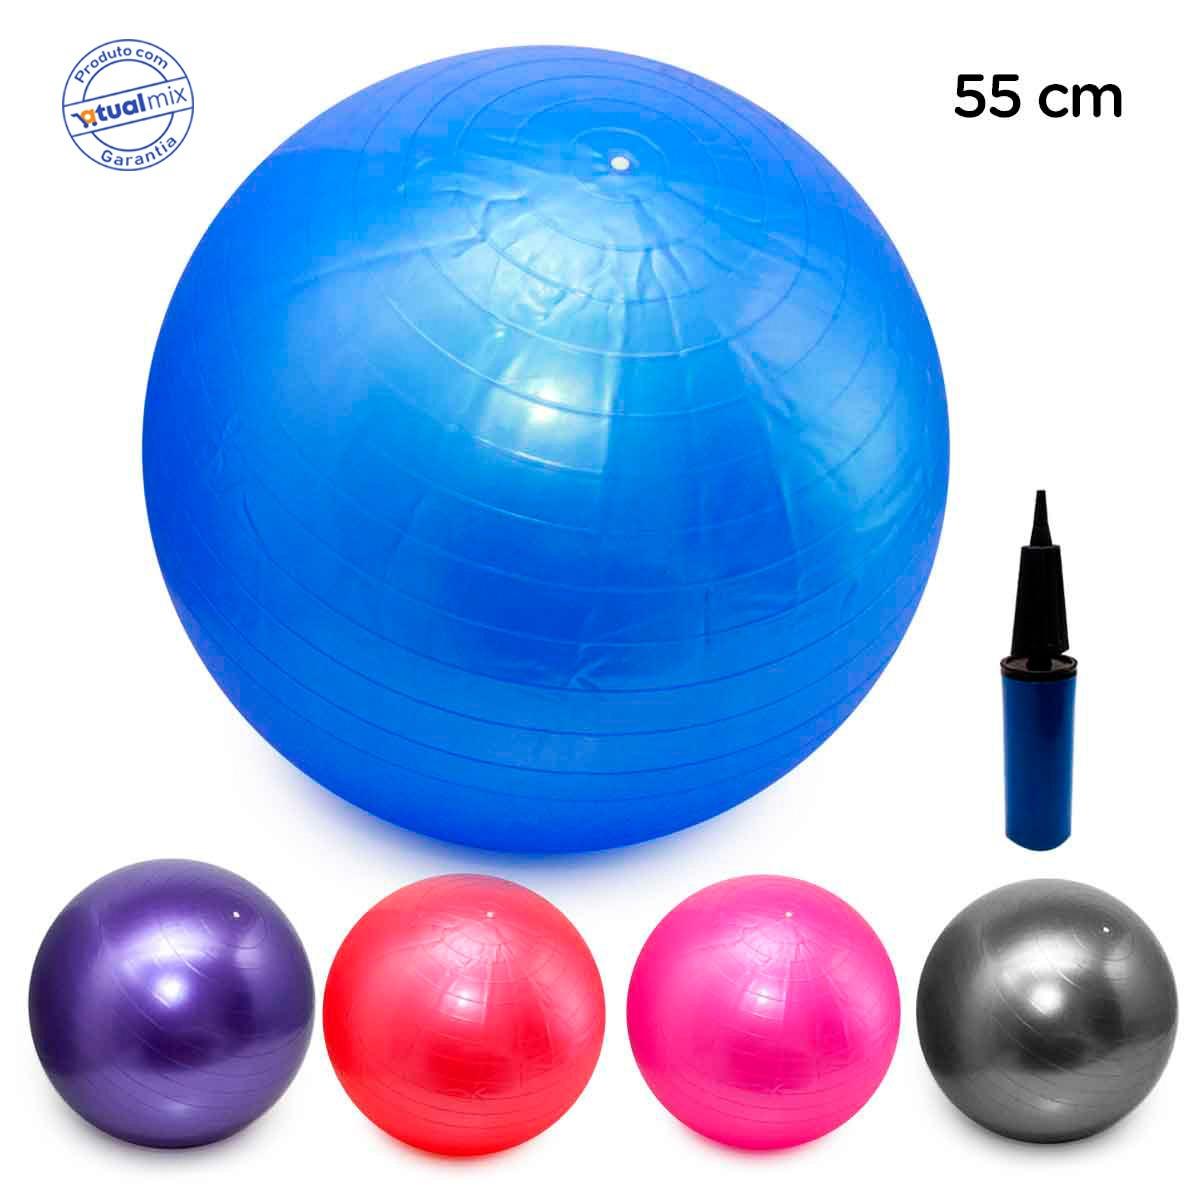 818bfce4d bola pilates yoga fitness 55cm c  bomba abdominal ginastica. Carregando  zoom.